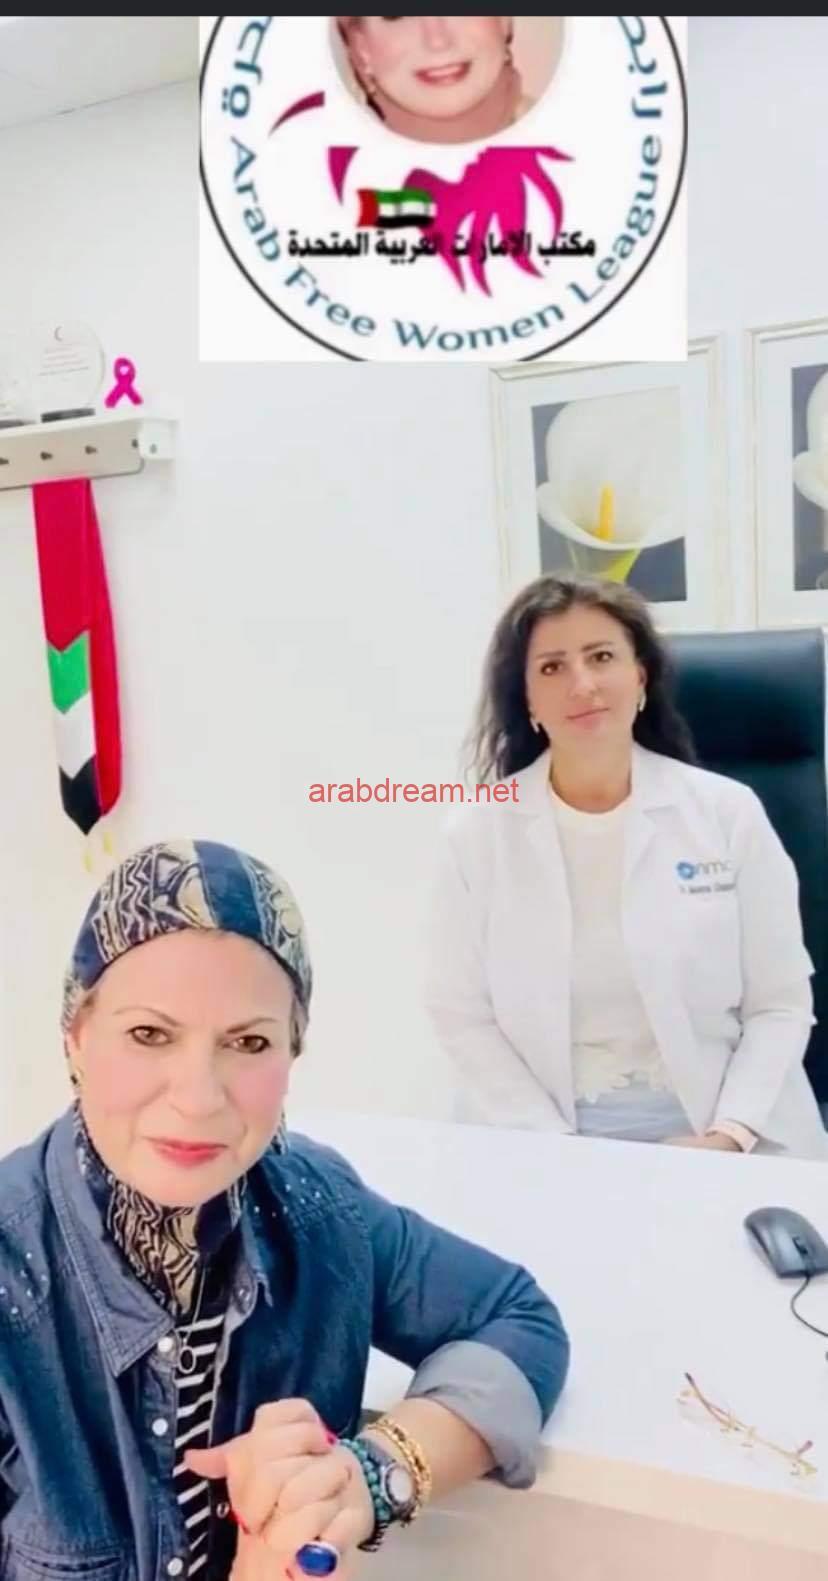 بمناسبة الشهر العالمي للتوعية حول سرطان الثدي تحت عنوان الزهري لأكتوبر (Pink for octobet).